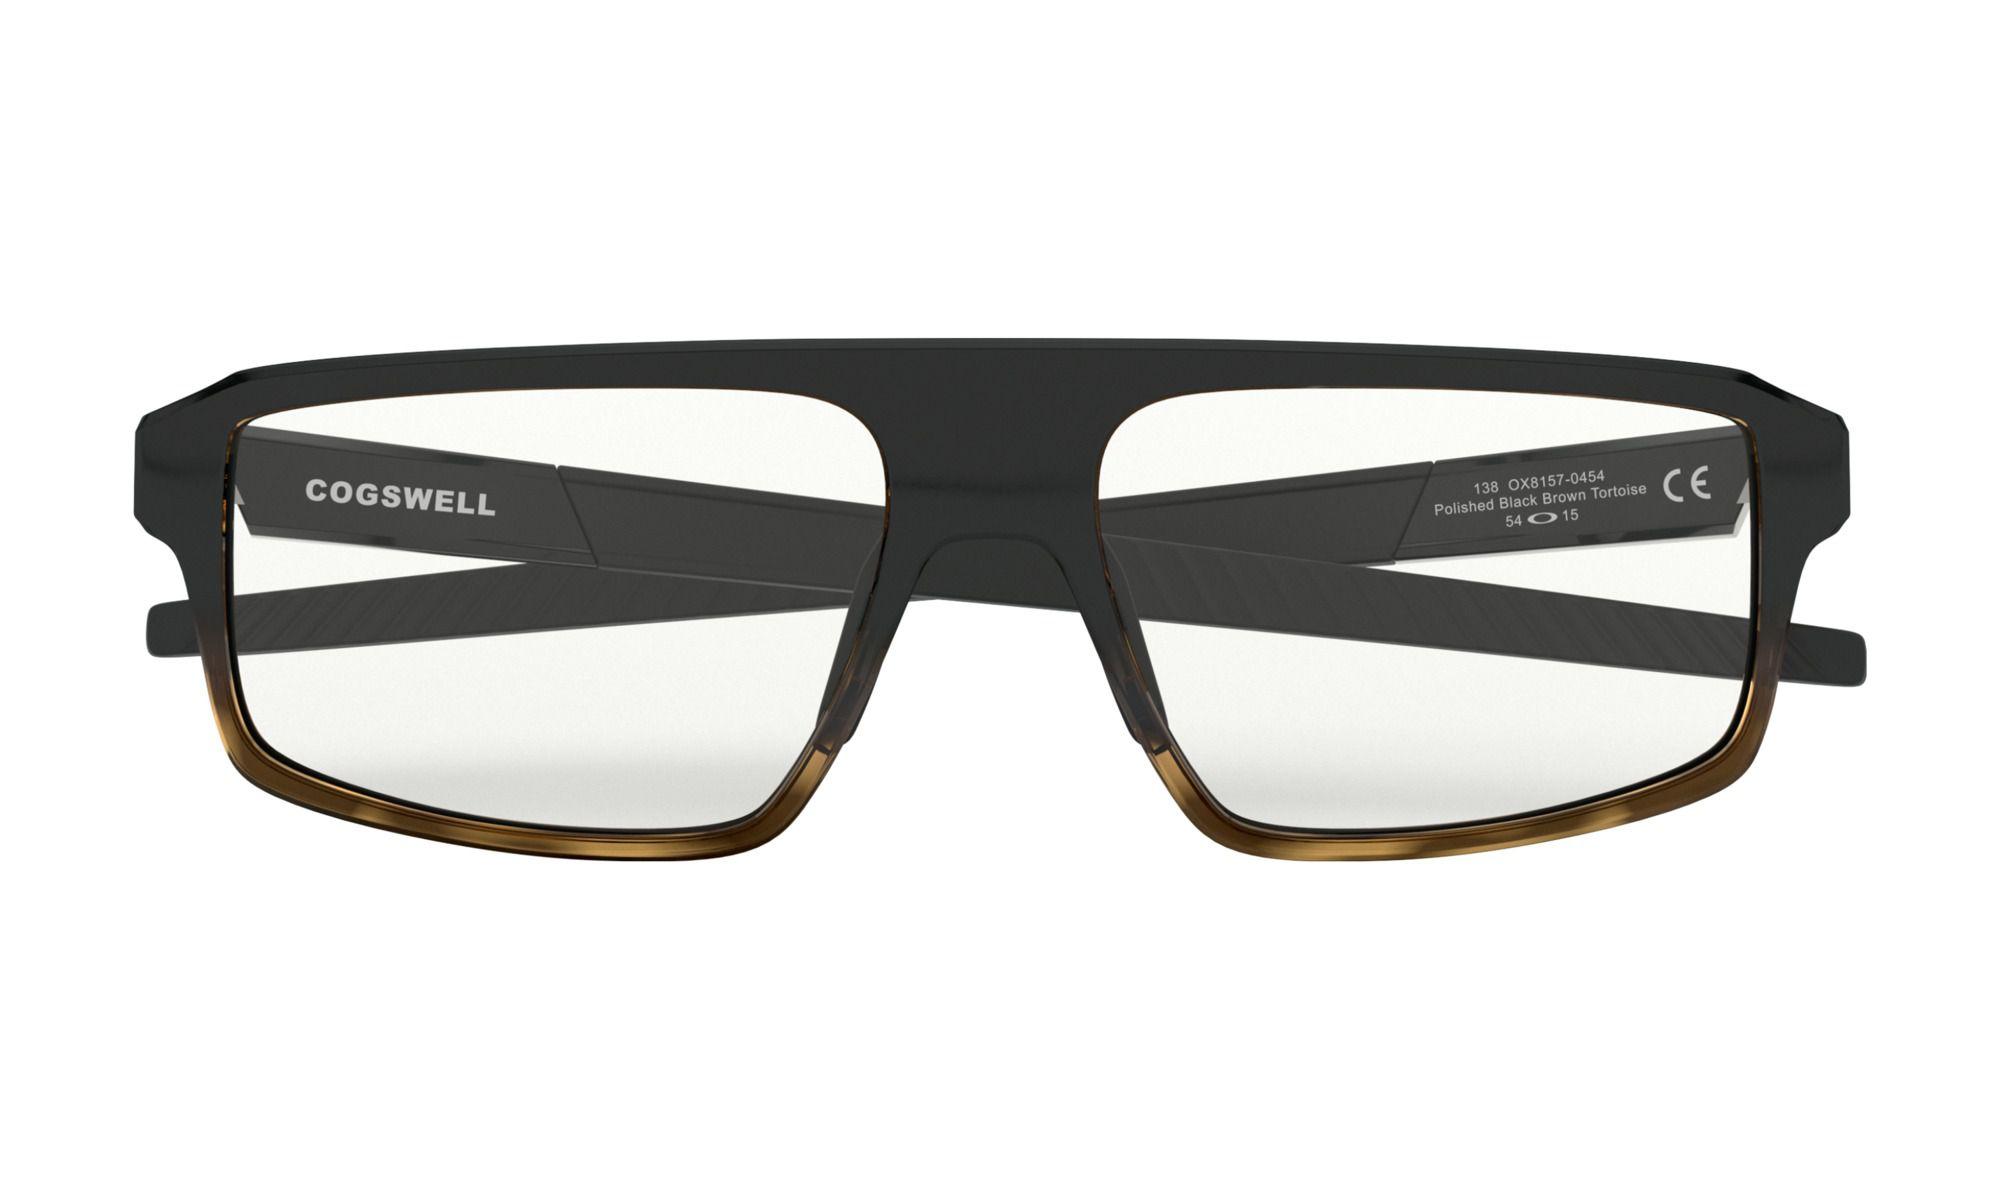 Óculos Para Grau Oakley Cogswell Black w Tortoise